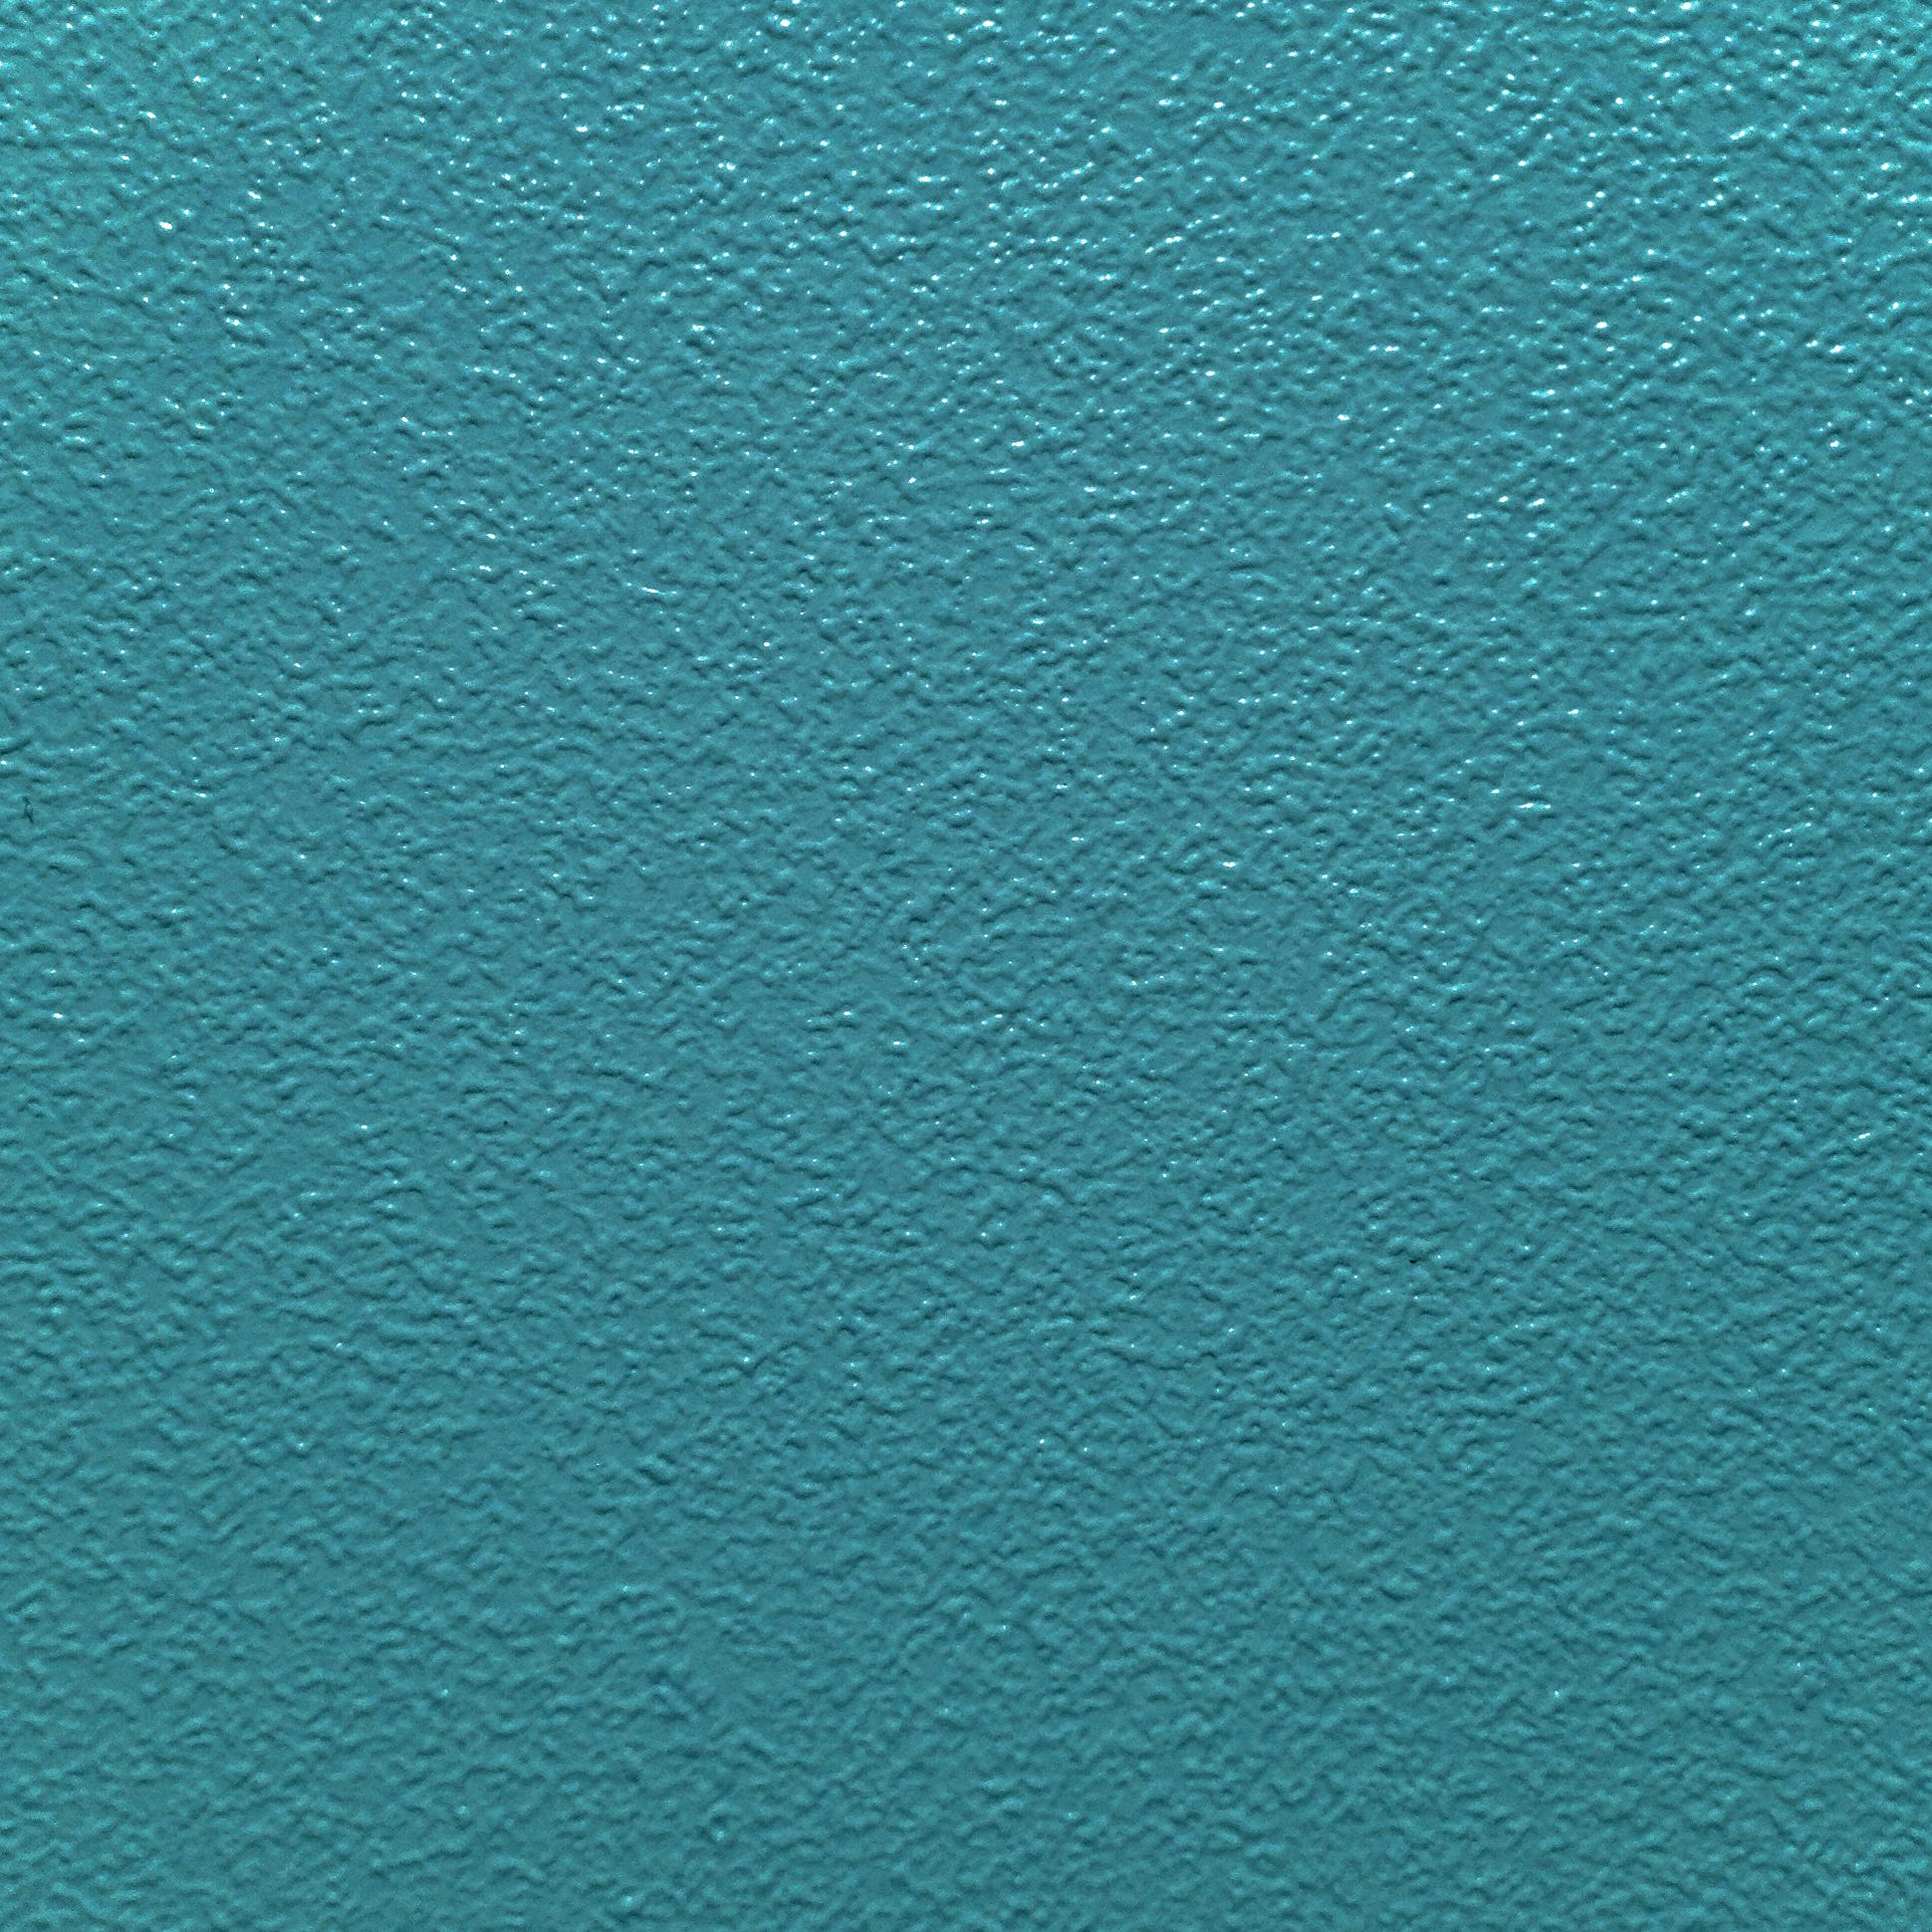 Blue (004)